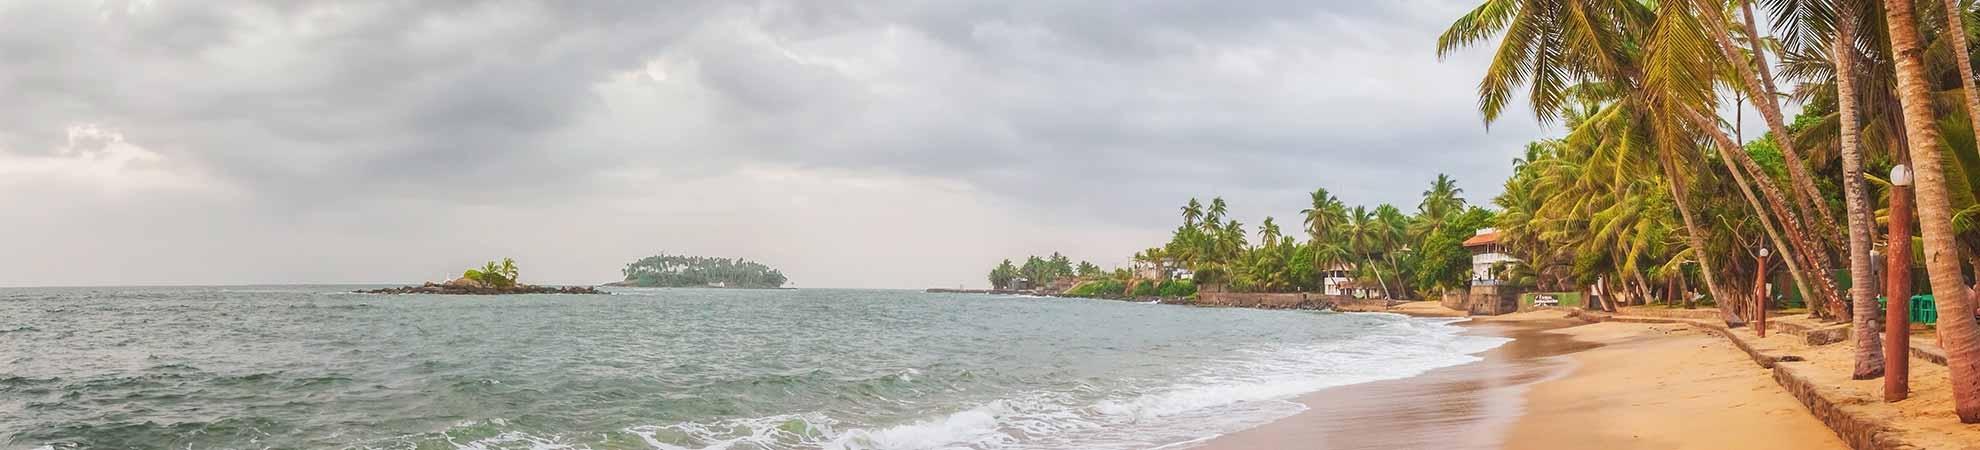 Voyage Beruwala